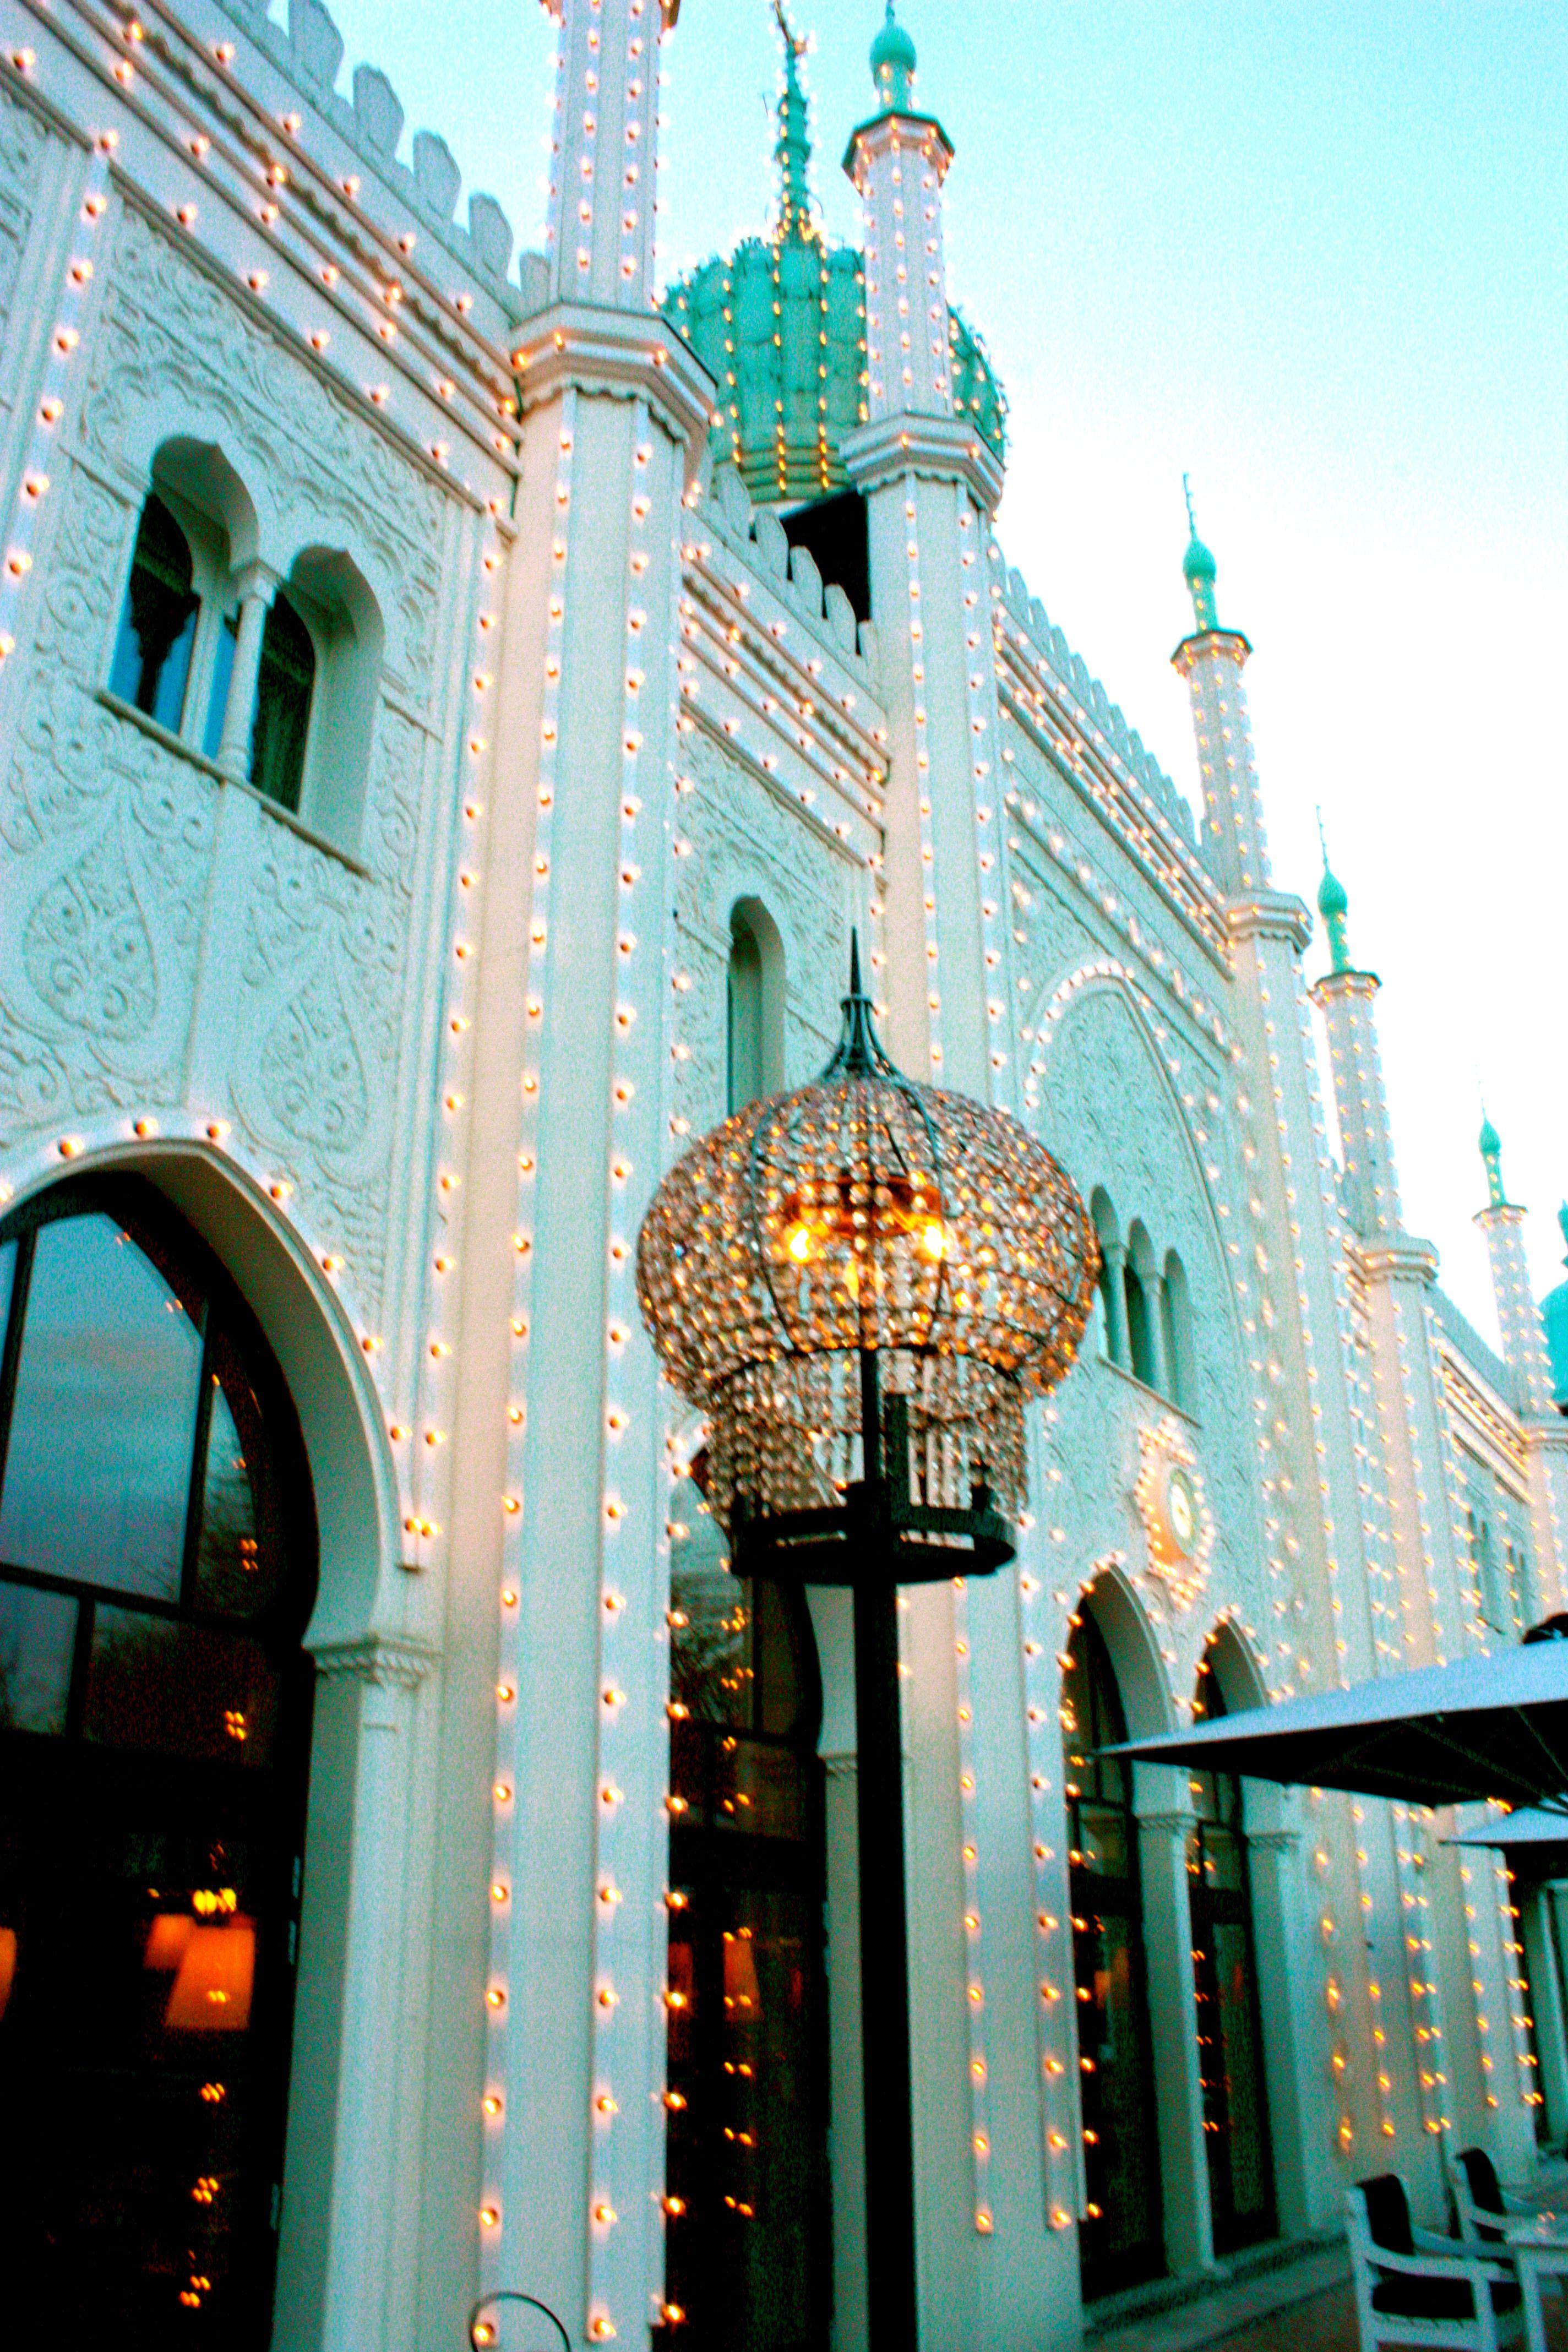 Tivoli Gardens Copenhagen, Denmark.  A blog by Lynn about lighting fixtures around the world.